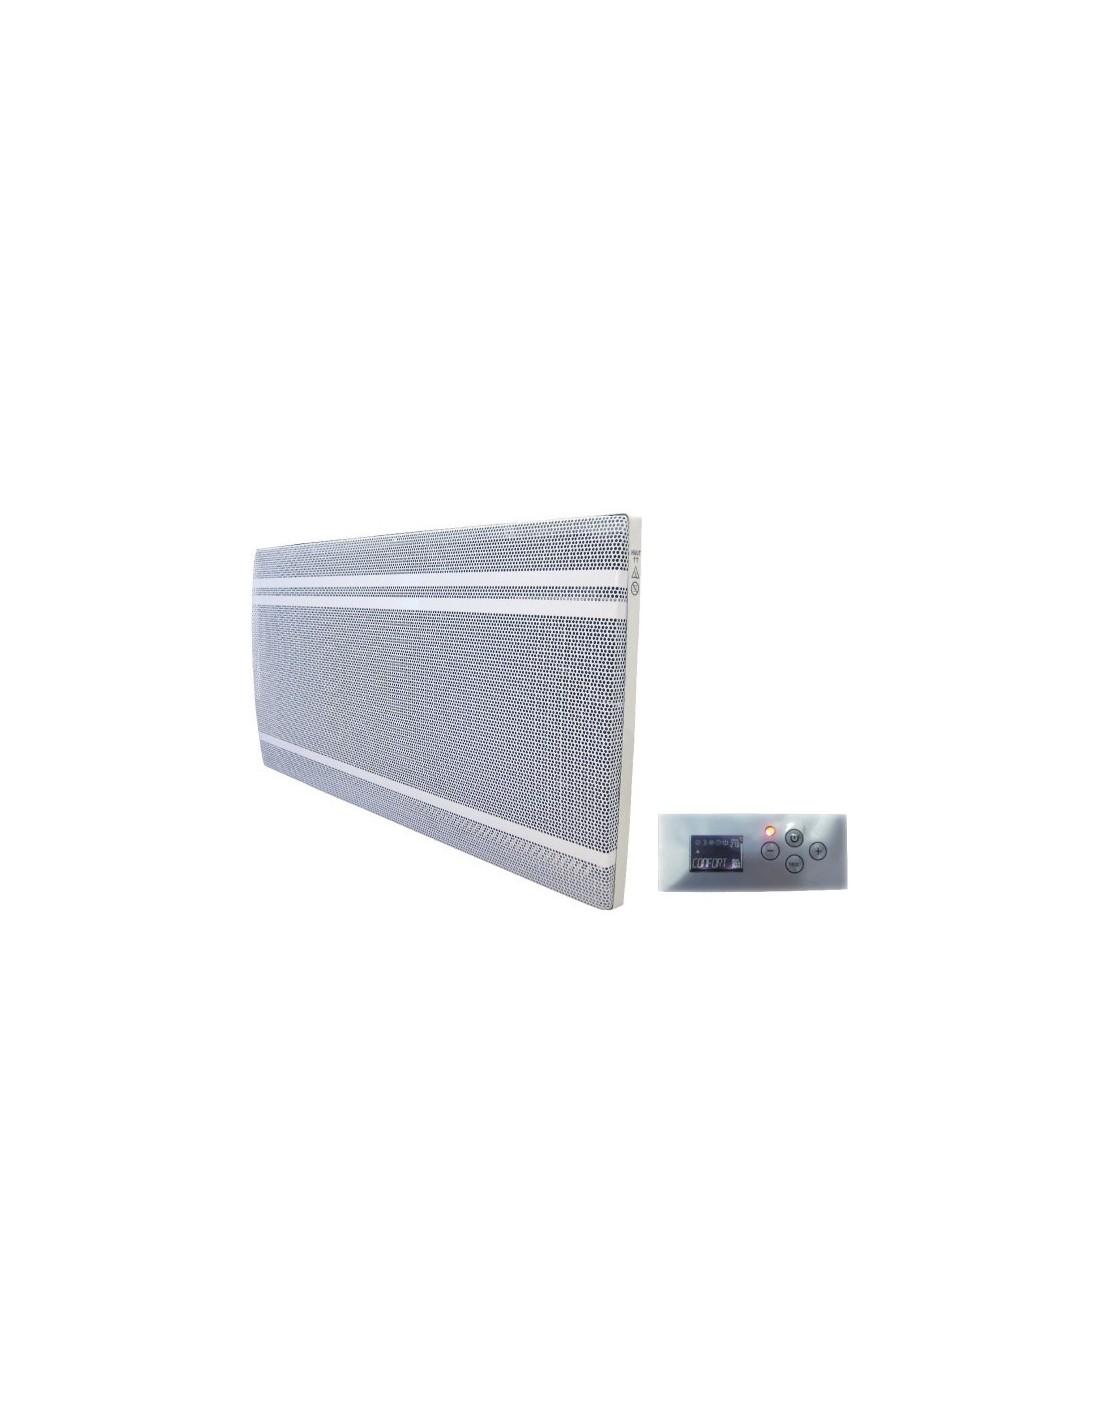 panneau rayonnant lcd 1500w panneau rayonnant lcd 1500w. Black Bedroom Furniture Sets. Home Design Ideas